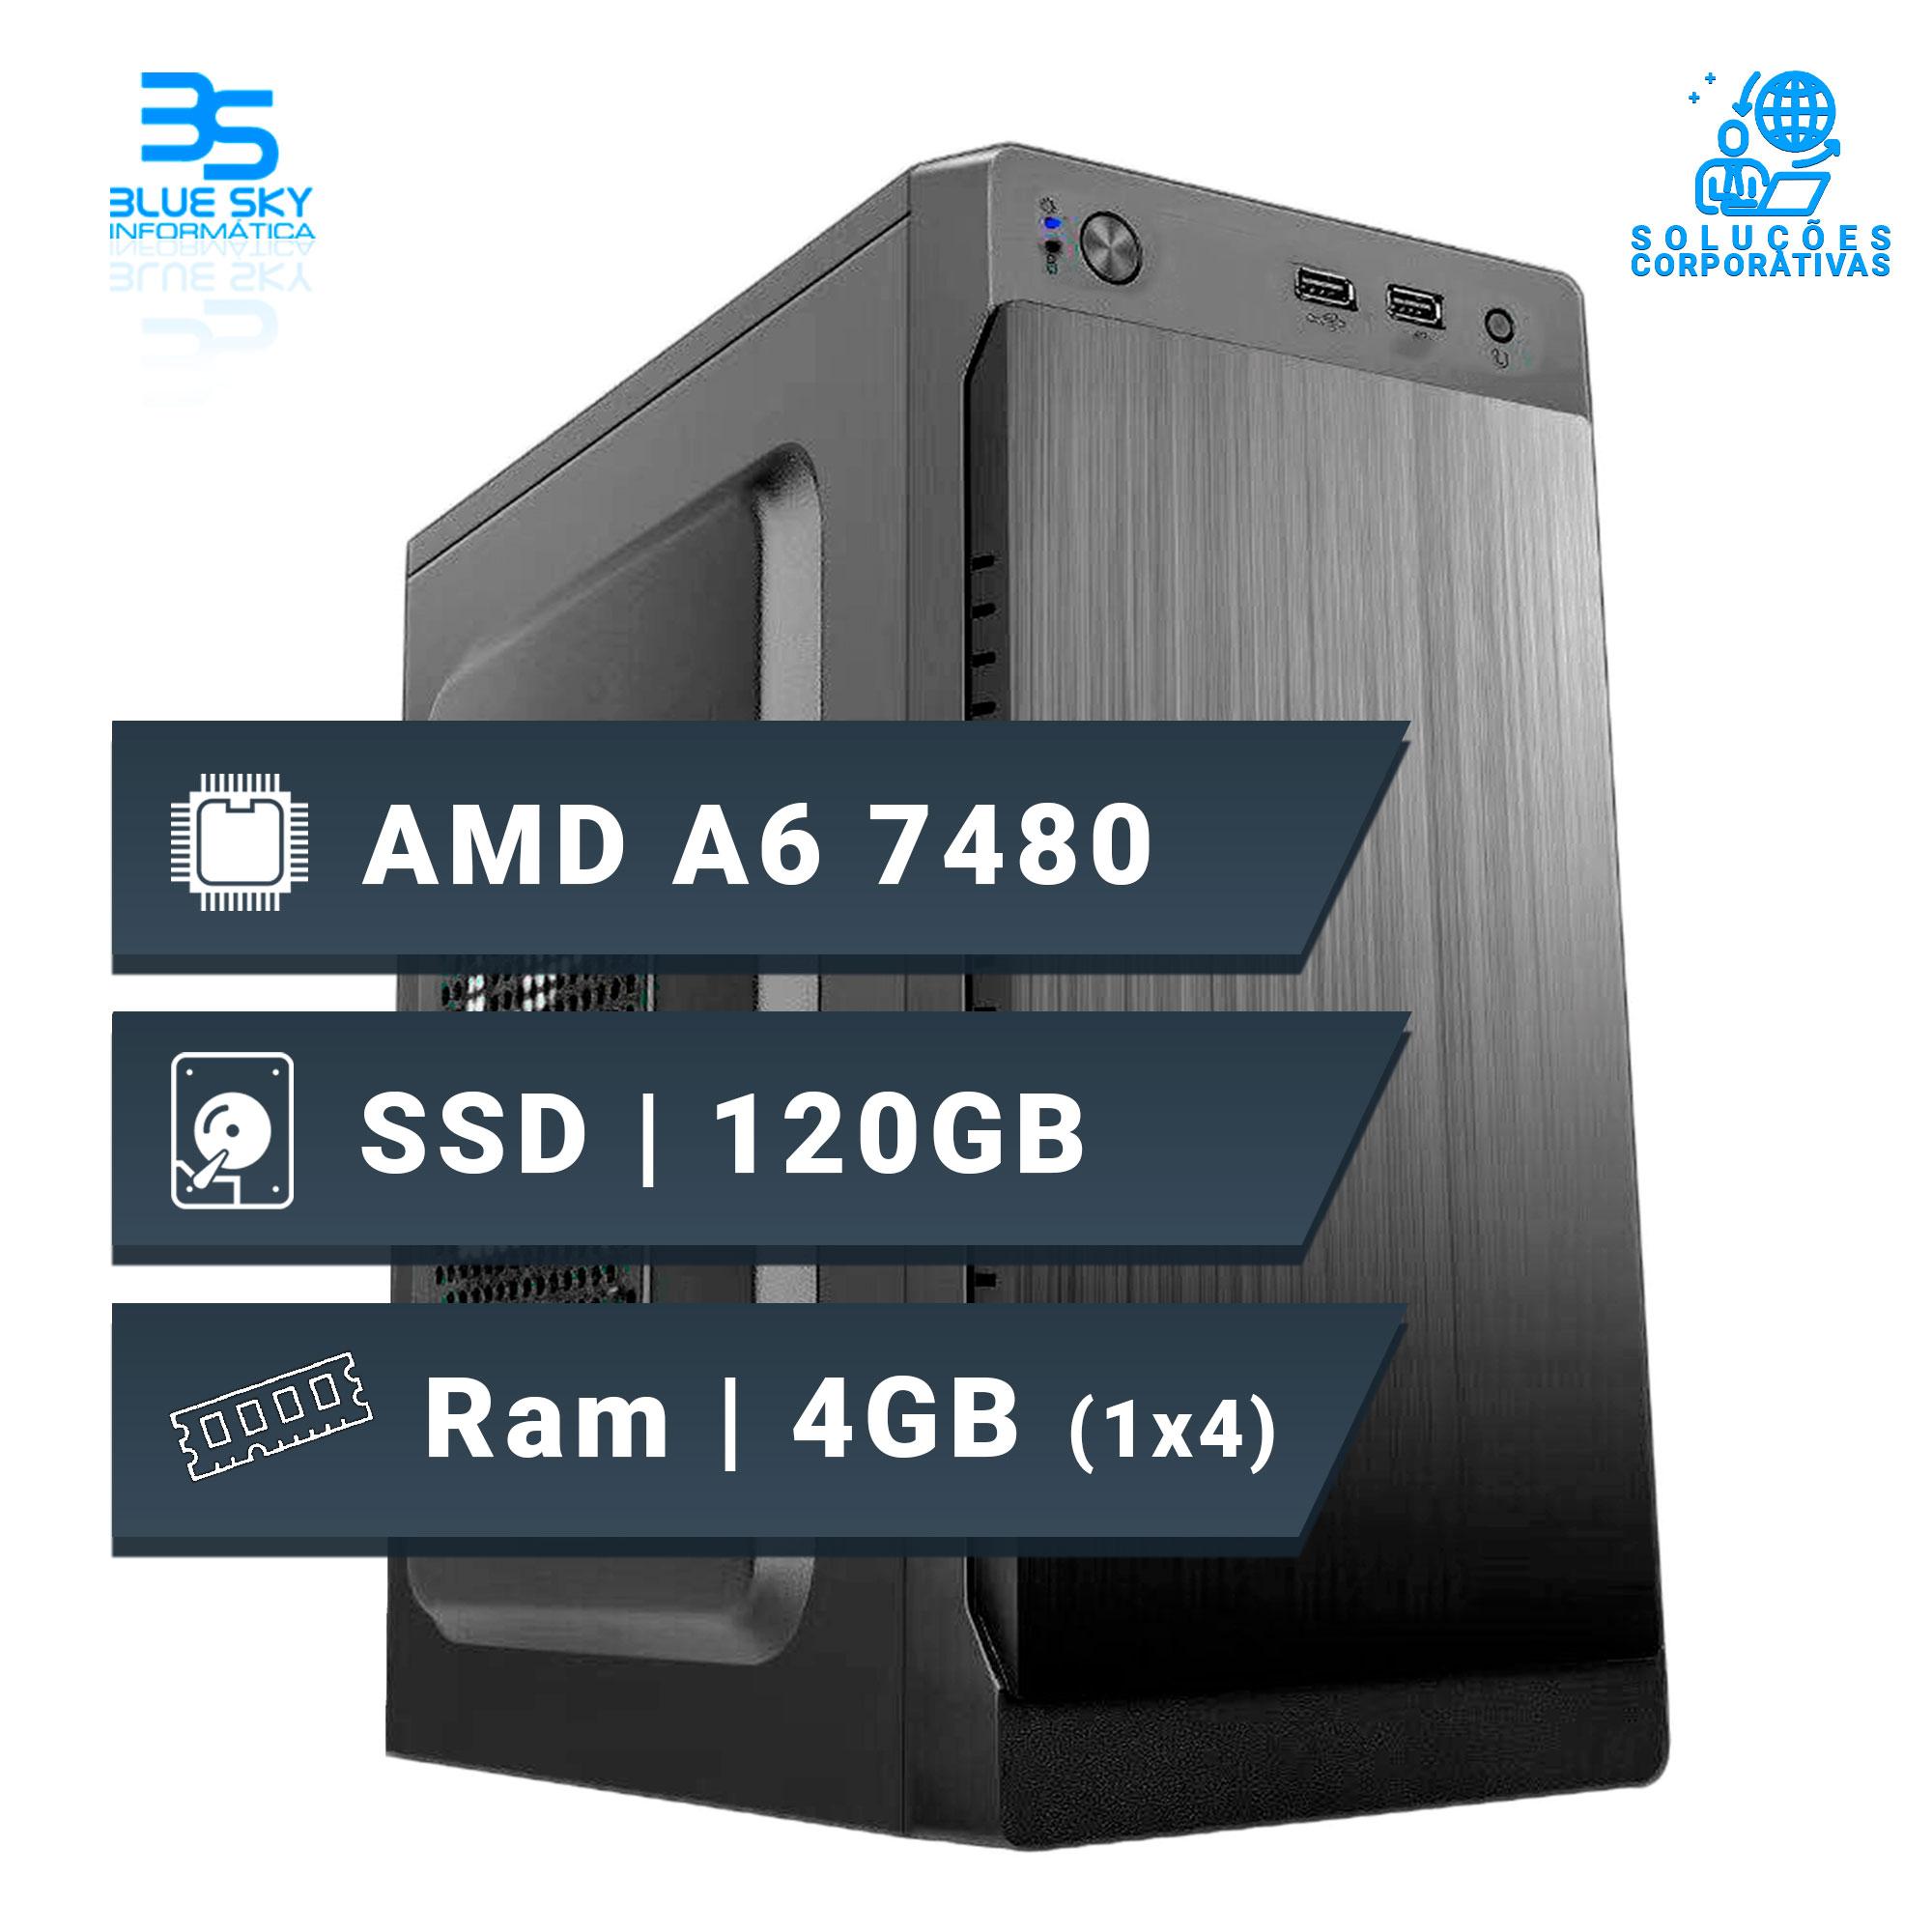 Computador Office AMD A6 7480, Ssd 120GB, 4GB DDR3, 200W